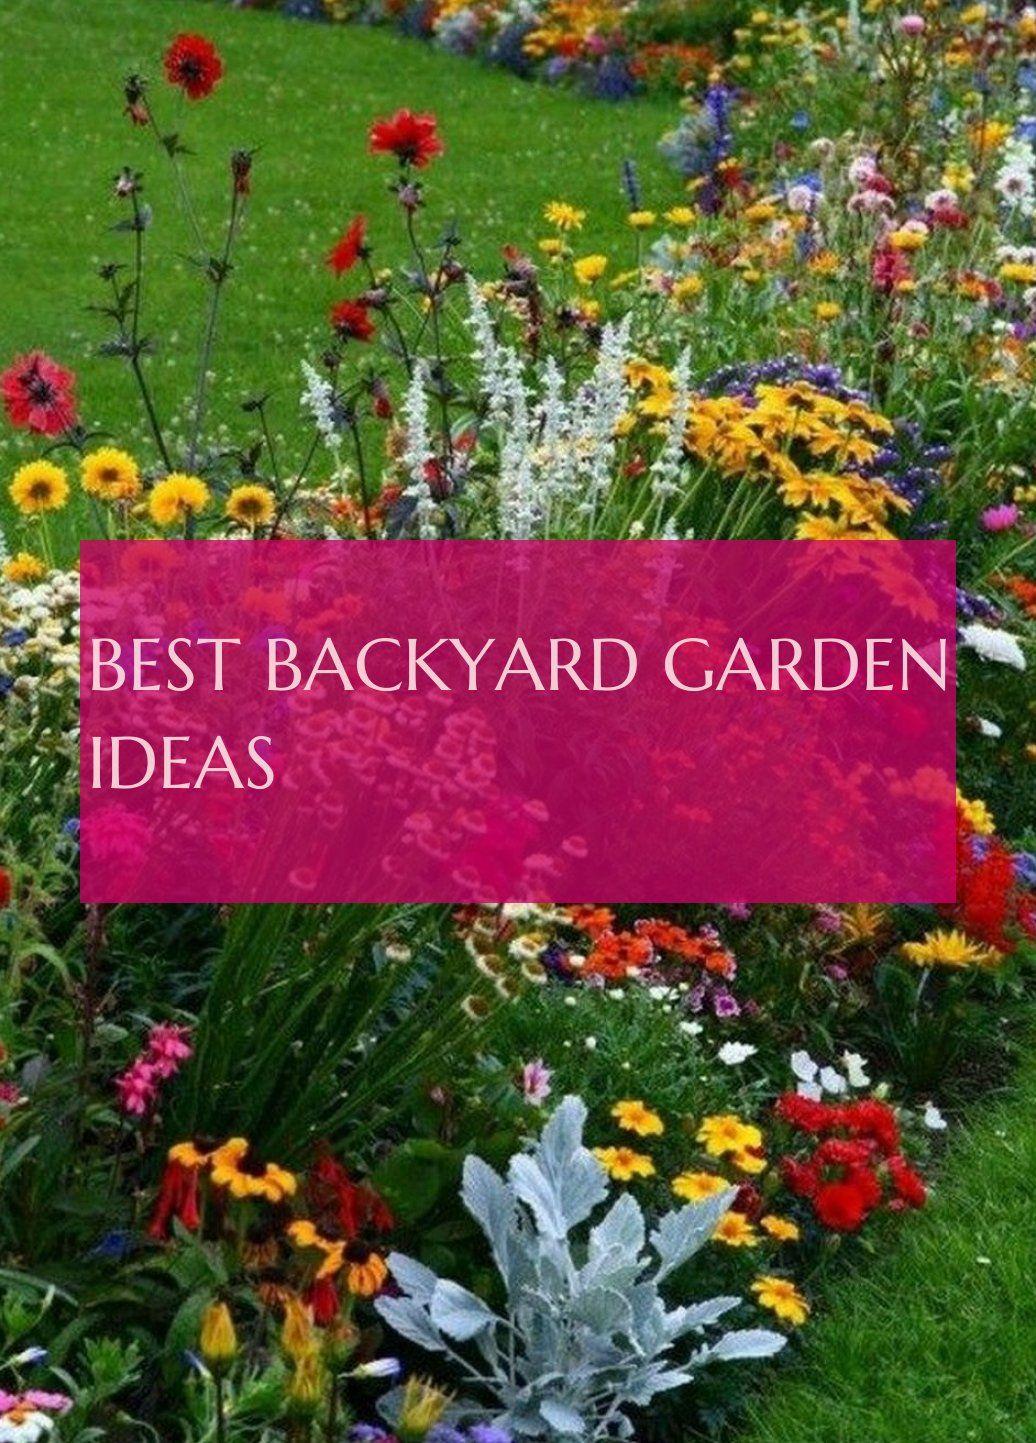 best backyard garden ideas